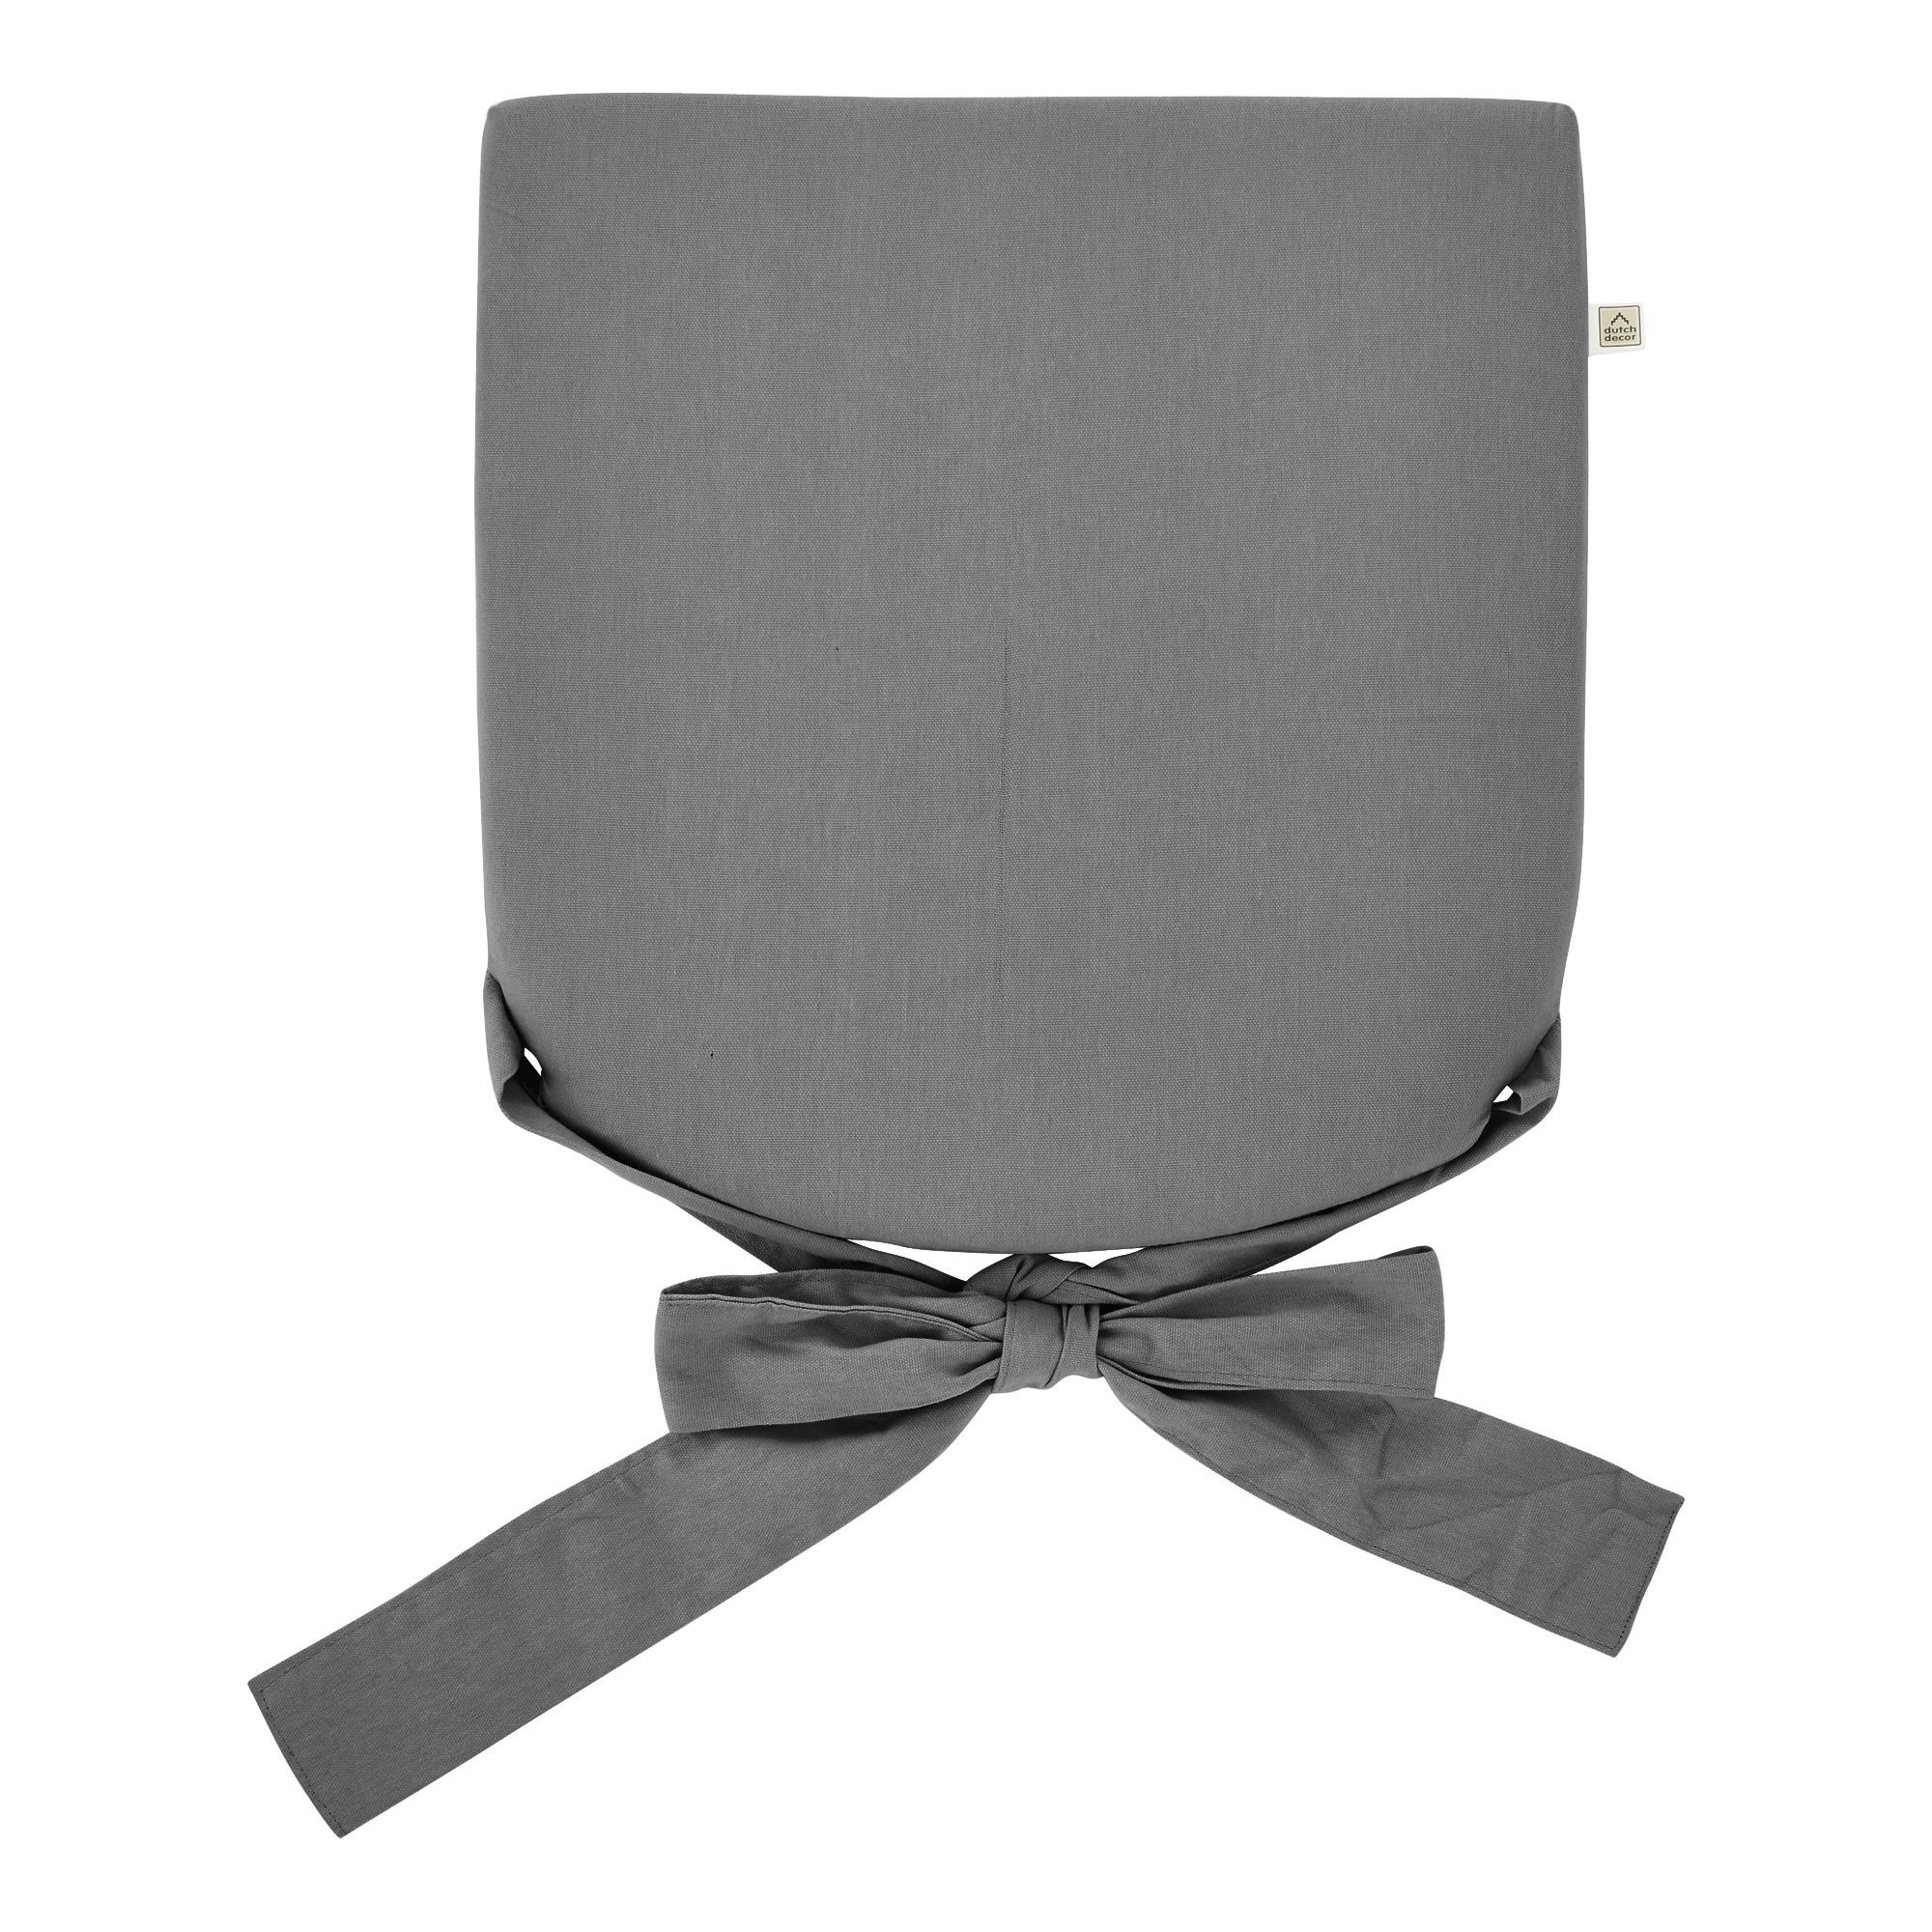 JAVA - Stoelkussen met lint Charcoal gray 40x40 cm